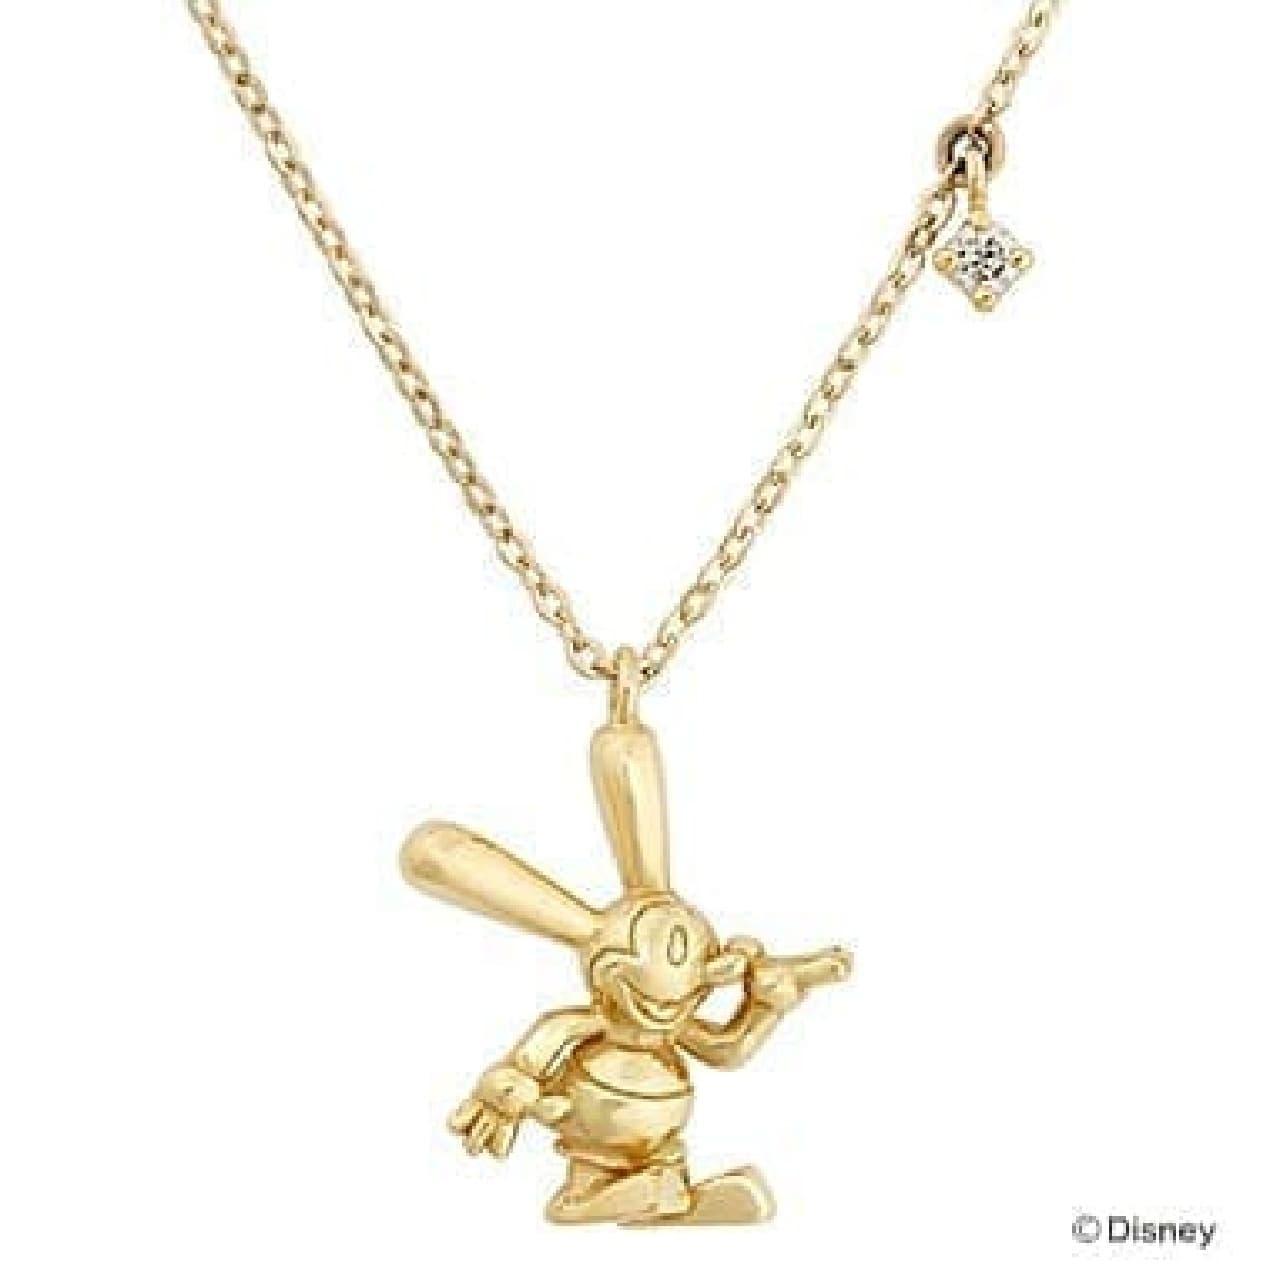 幸せうさぎ「オズワルド」のネックレス (4万4,100円、K18YG)